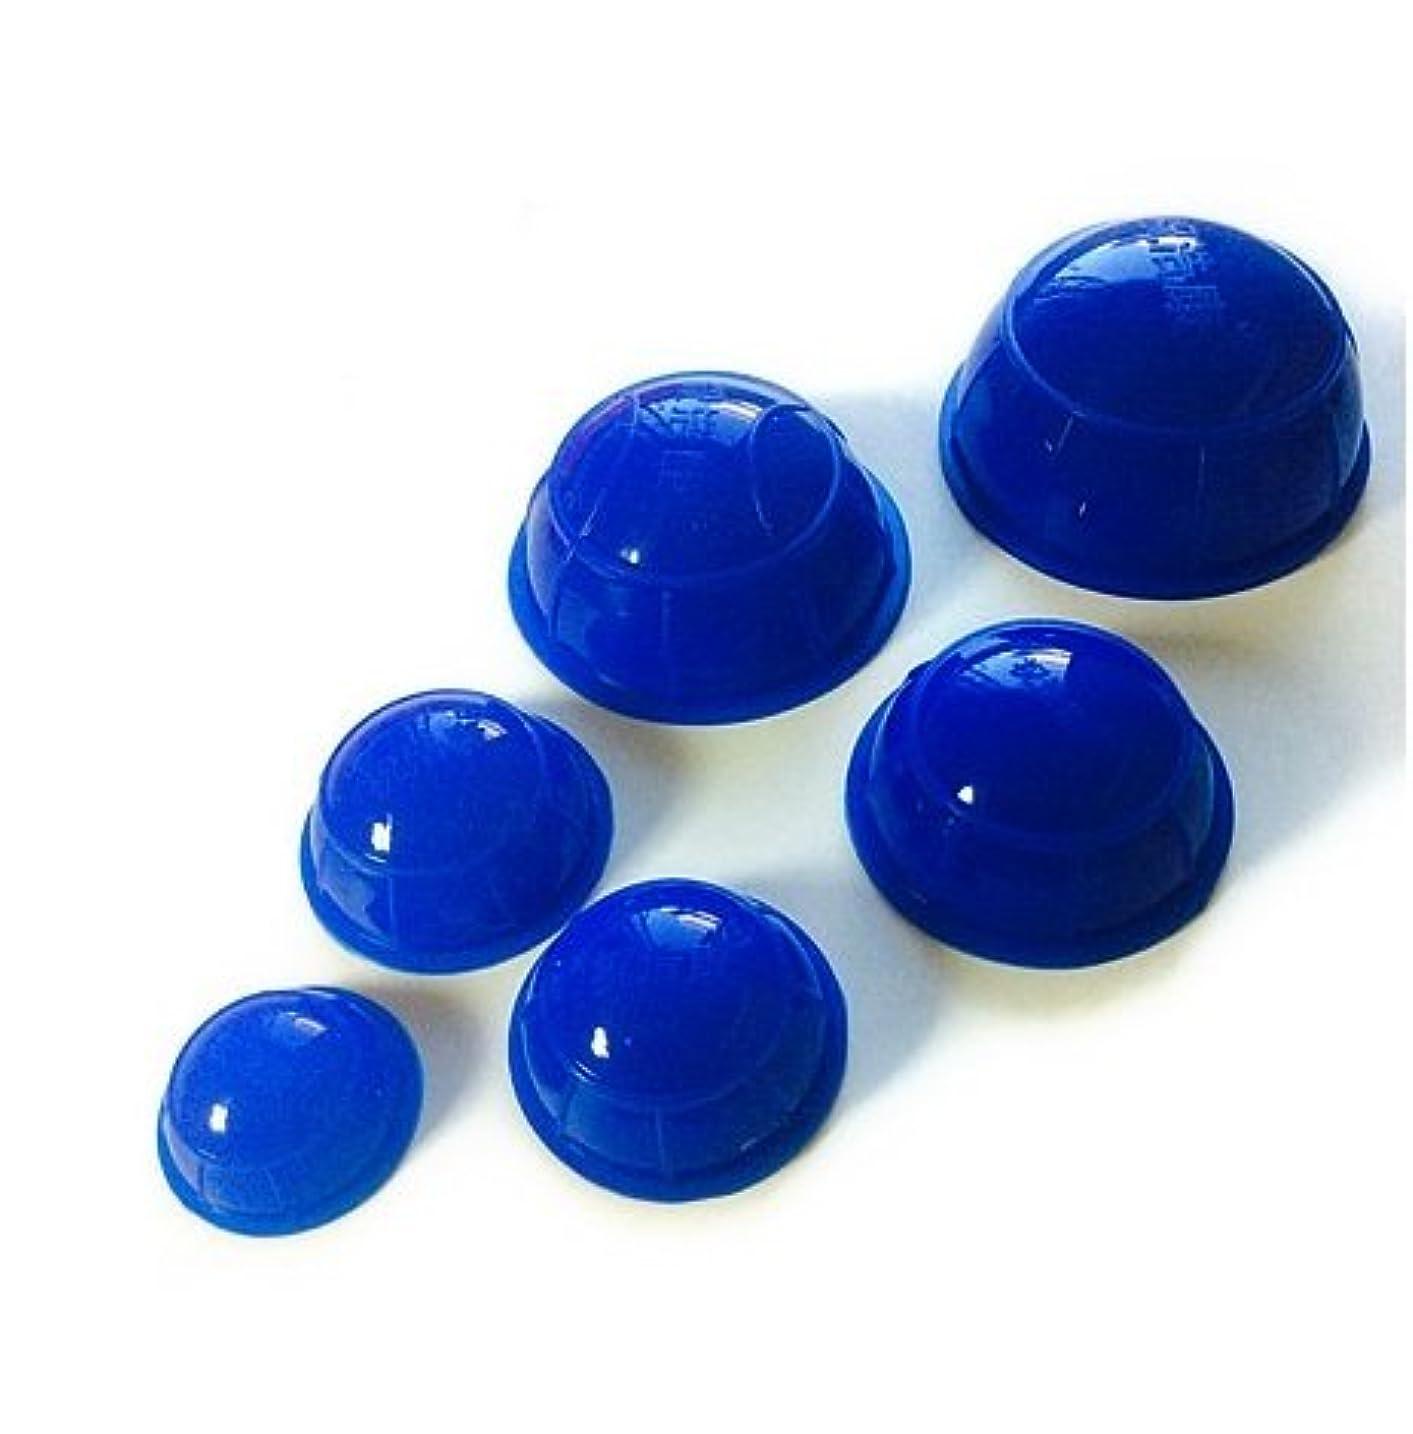 誇大妄想落ち着くテーマ簡易 吸い玉6個セット ブルー 大中小5種類の大きさ